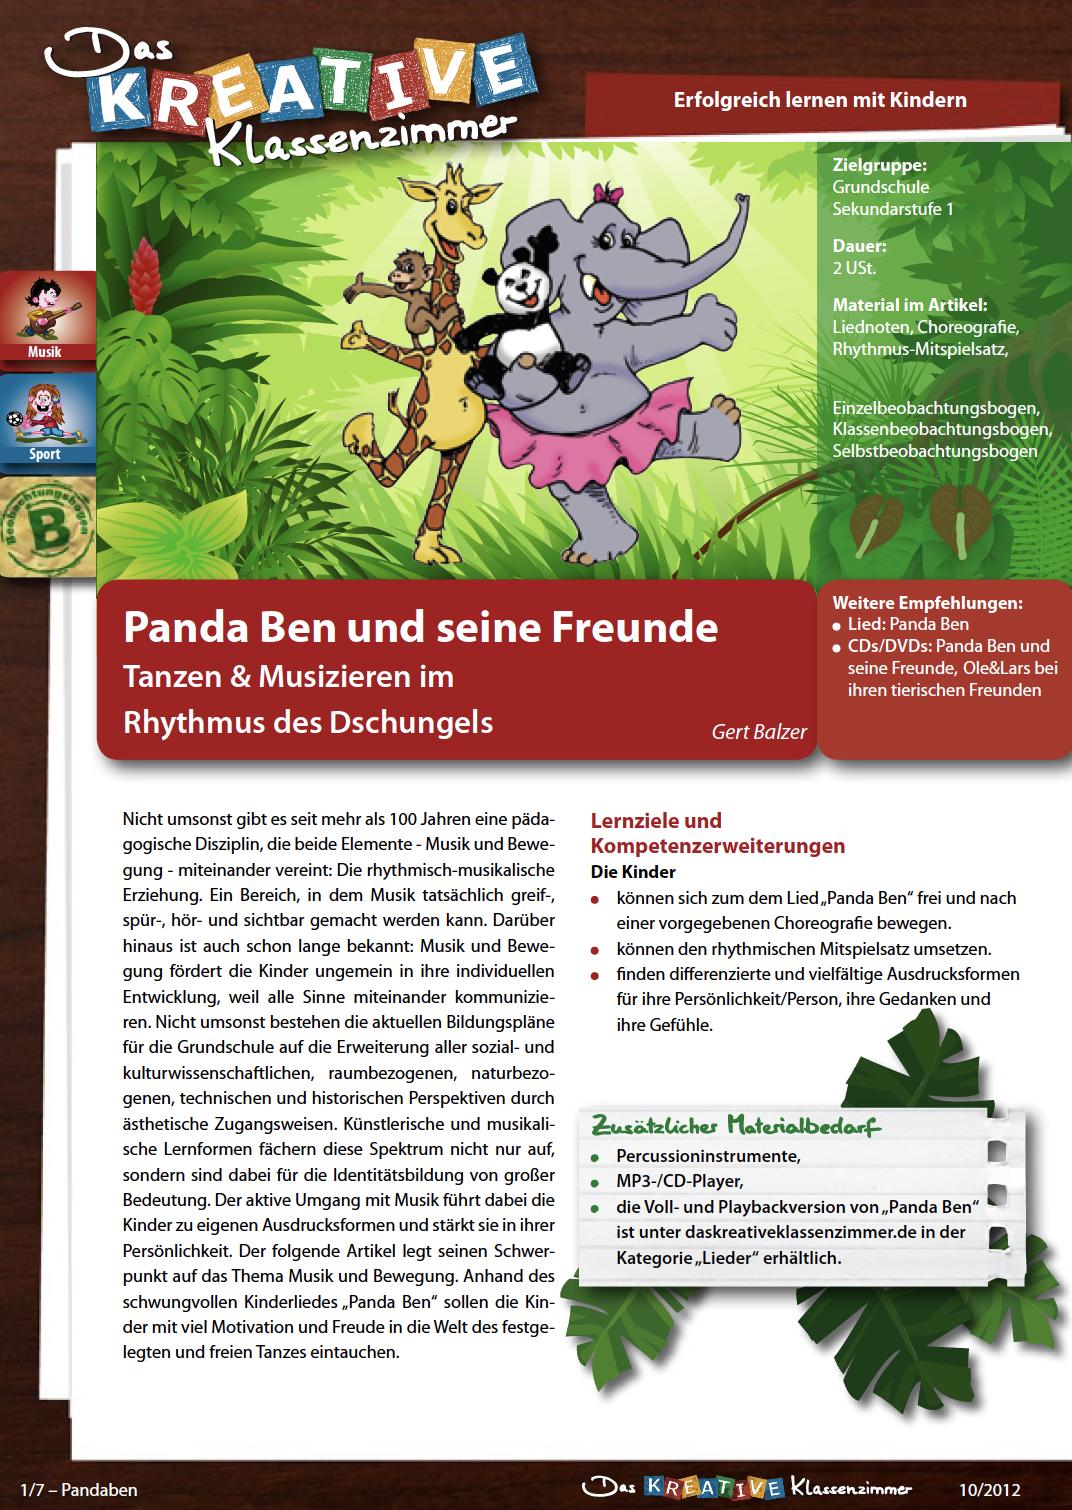 Panda Ben - Tanzen und Musizieren